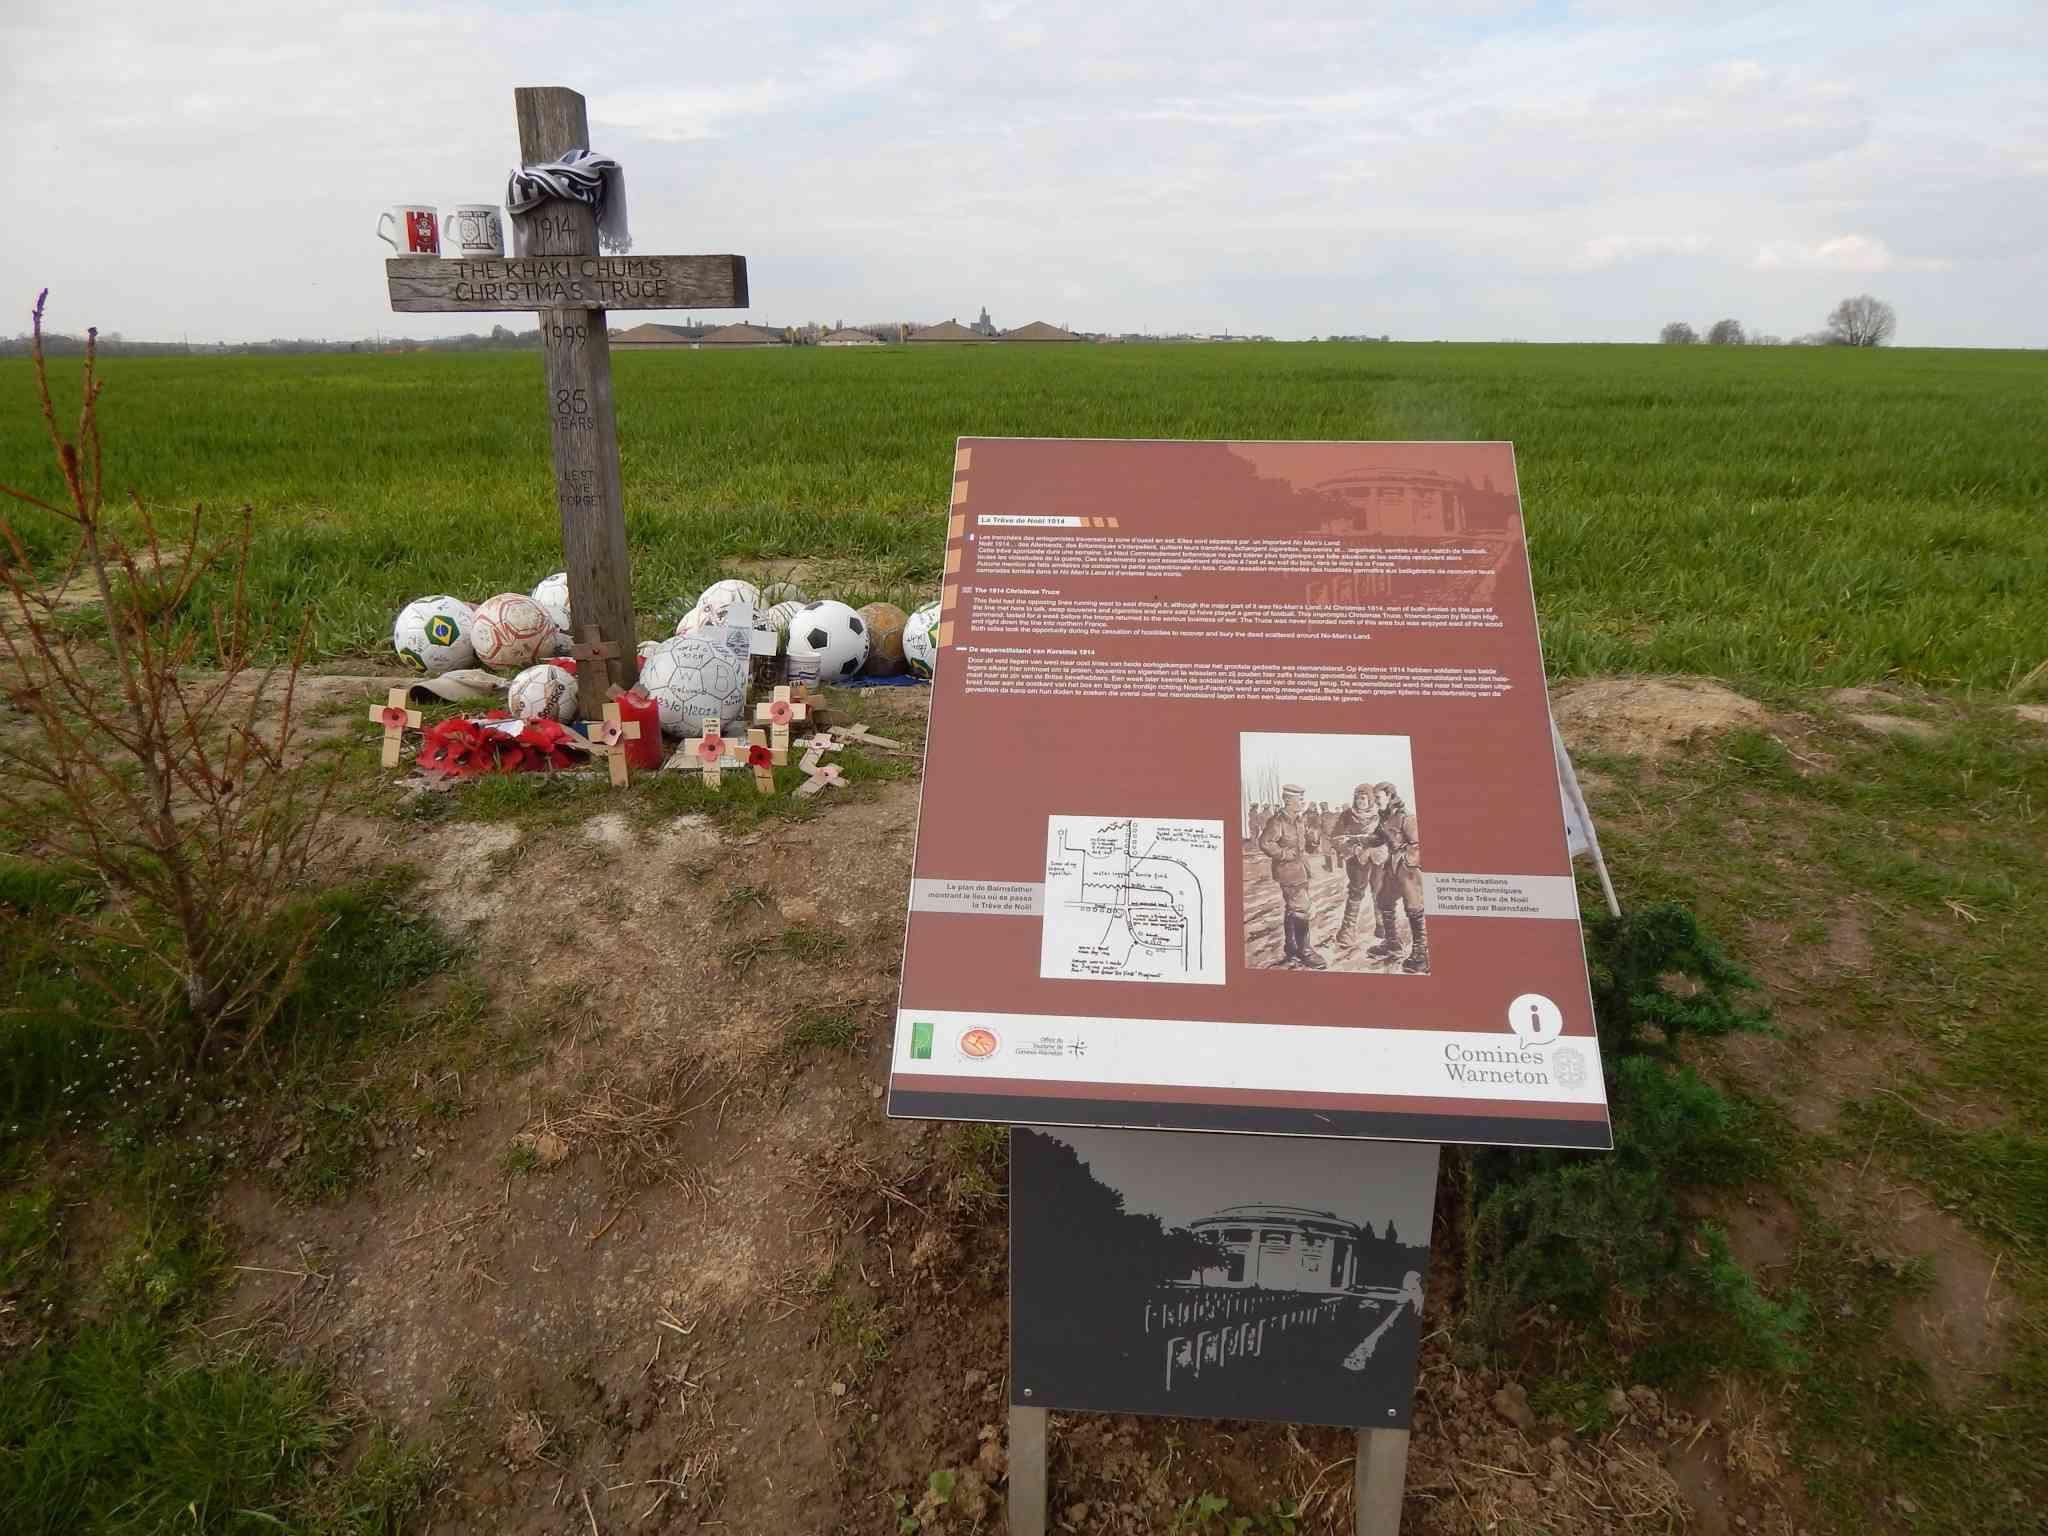 Inauguration par Michel Platini d'un monument en souvenir du match de la paix de Noël 1914 à Ploegsteert - Belgique Dscn2110